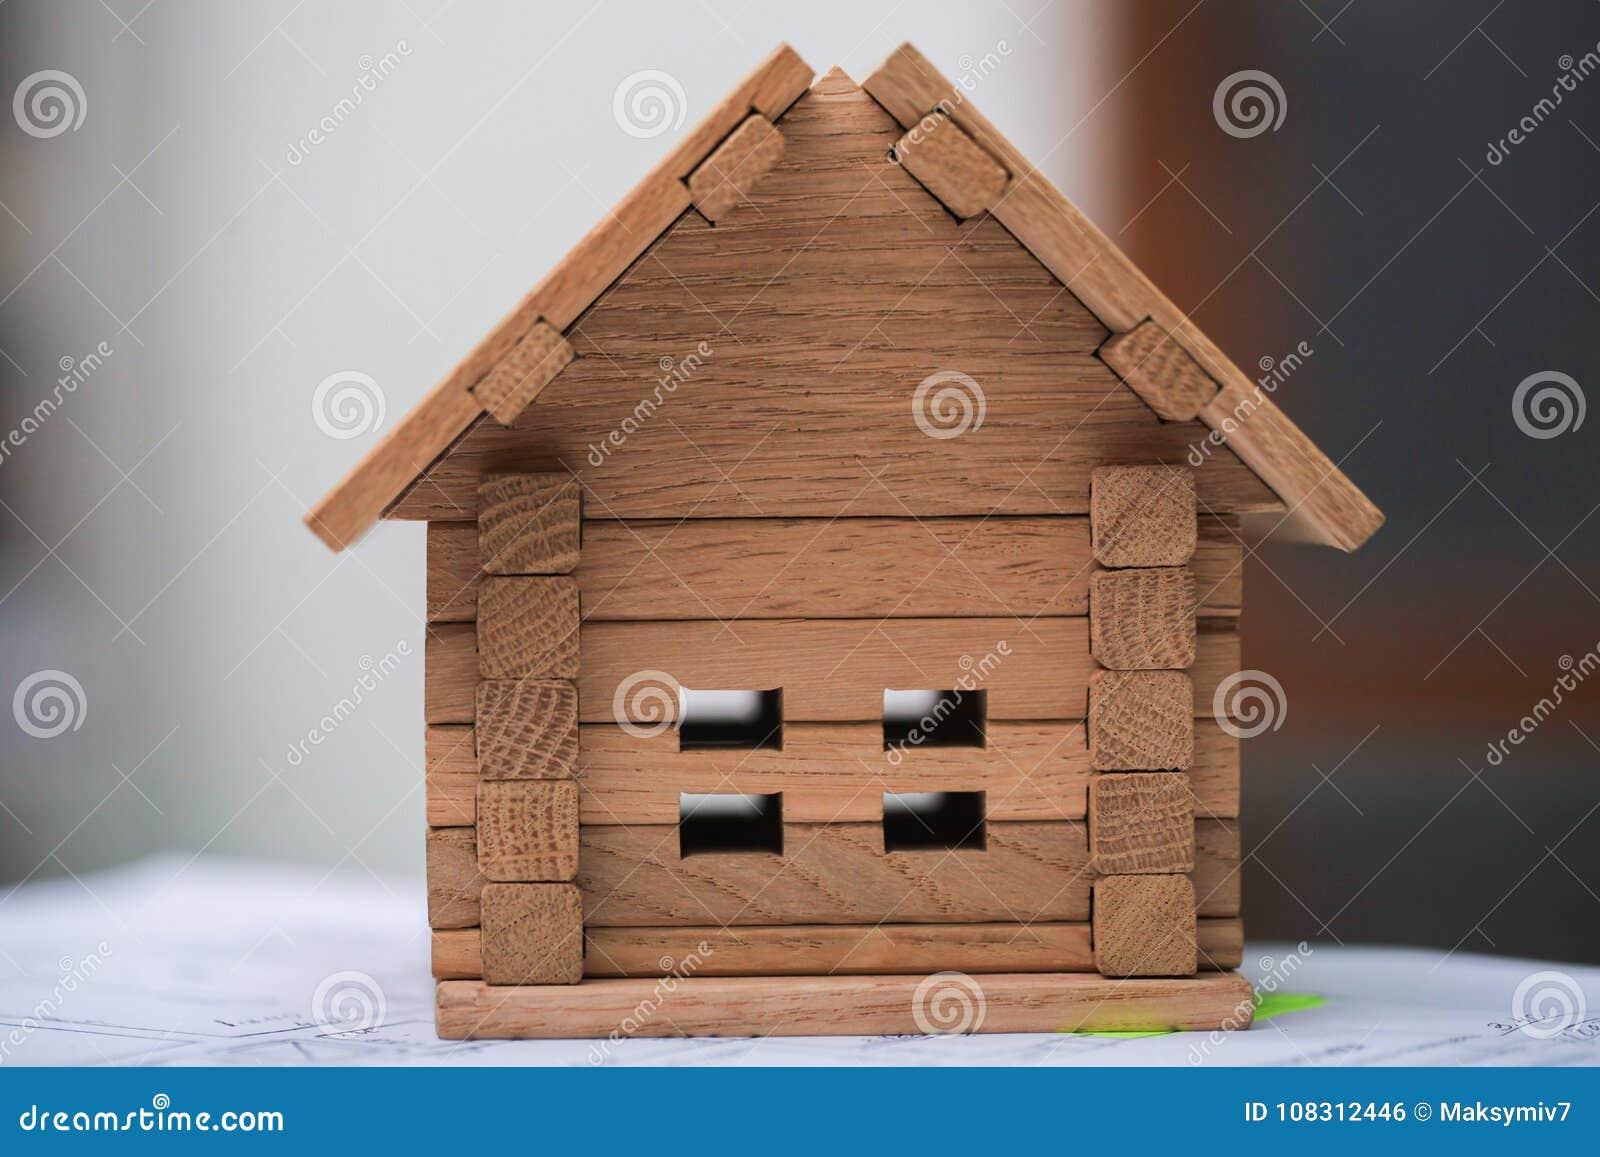 Bouwend huis op blauwdrukken met arbeider - bouwproject